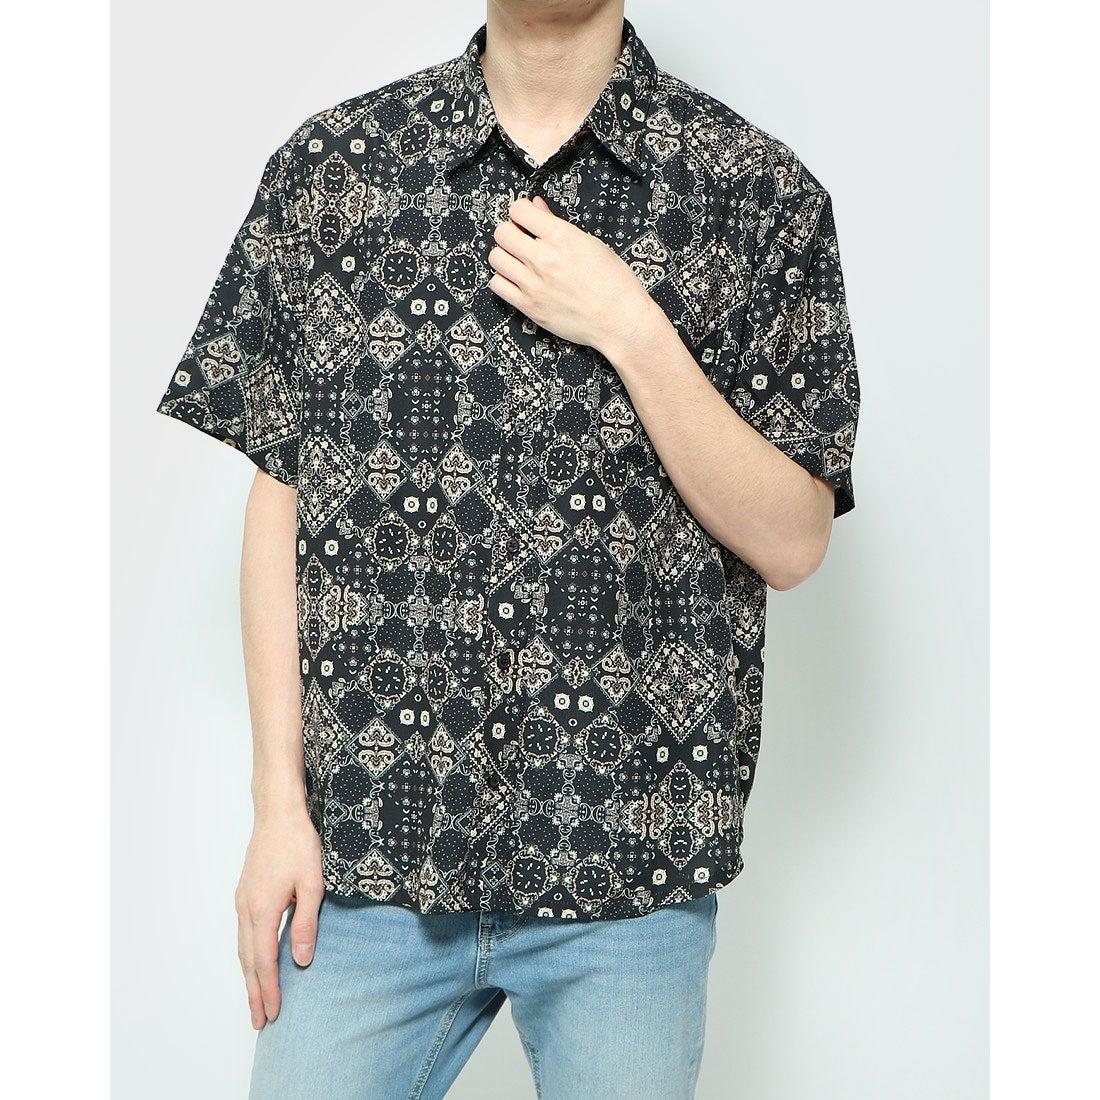 ロコンド 靴とファッションの通販サイトスタイルブロック STYLEBLOCK 総柄ビッグシャツ (ブラック)